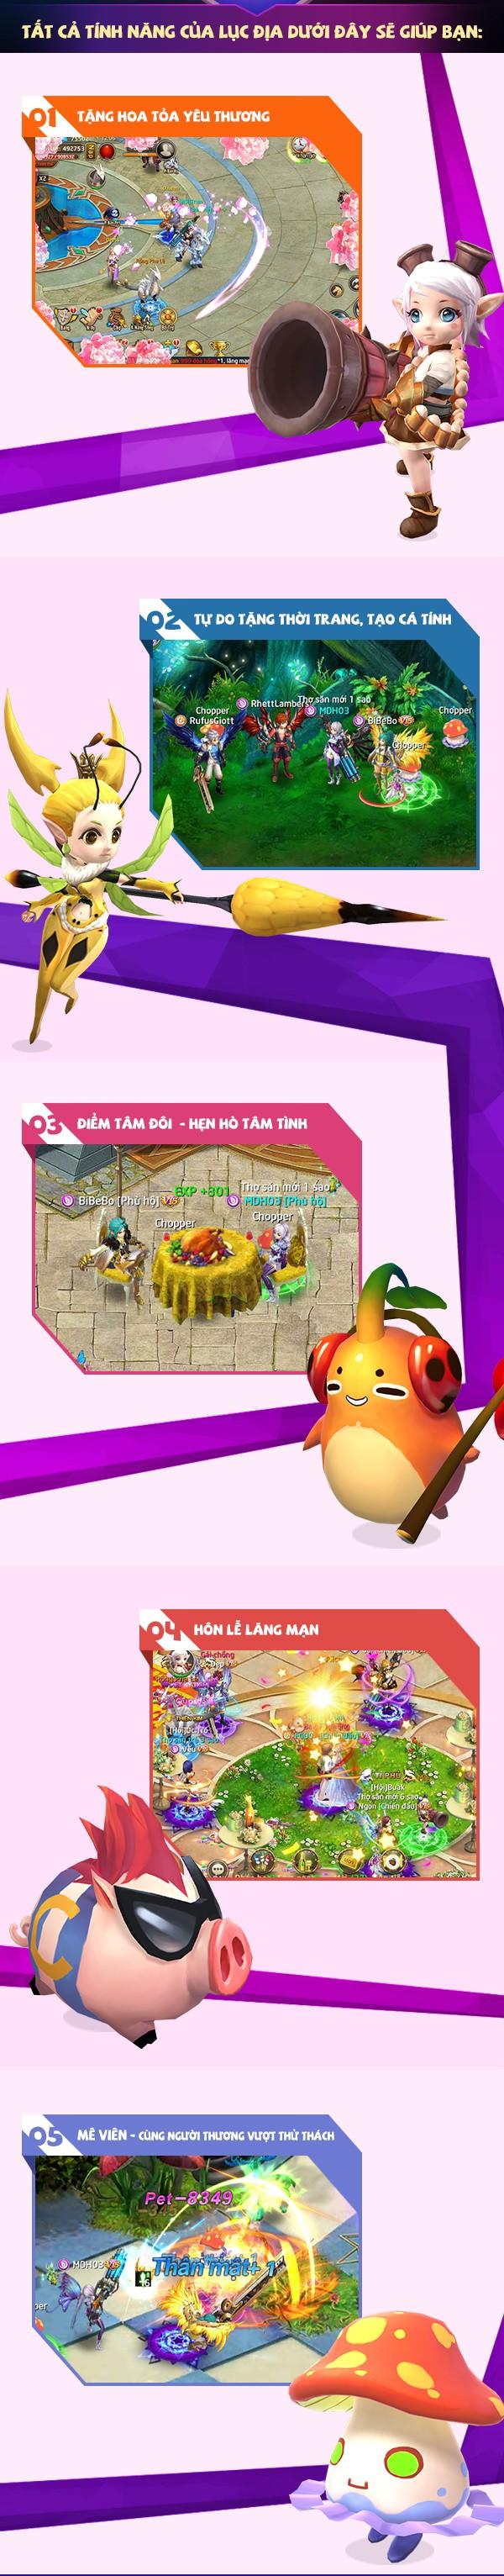 4 mẹo vàng để sống không cần nạp trong Lục Địa 2 - gMO Hàn Quốc 99% tính năng đều liên server vừa ra mắt - Ảnh 5.